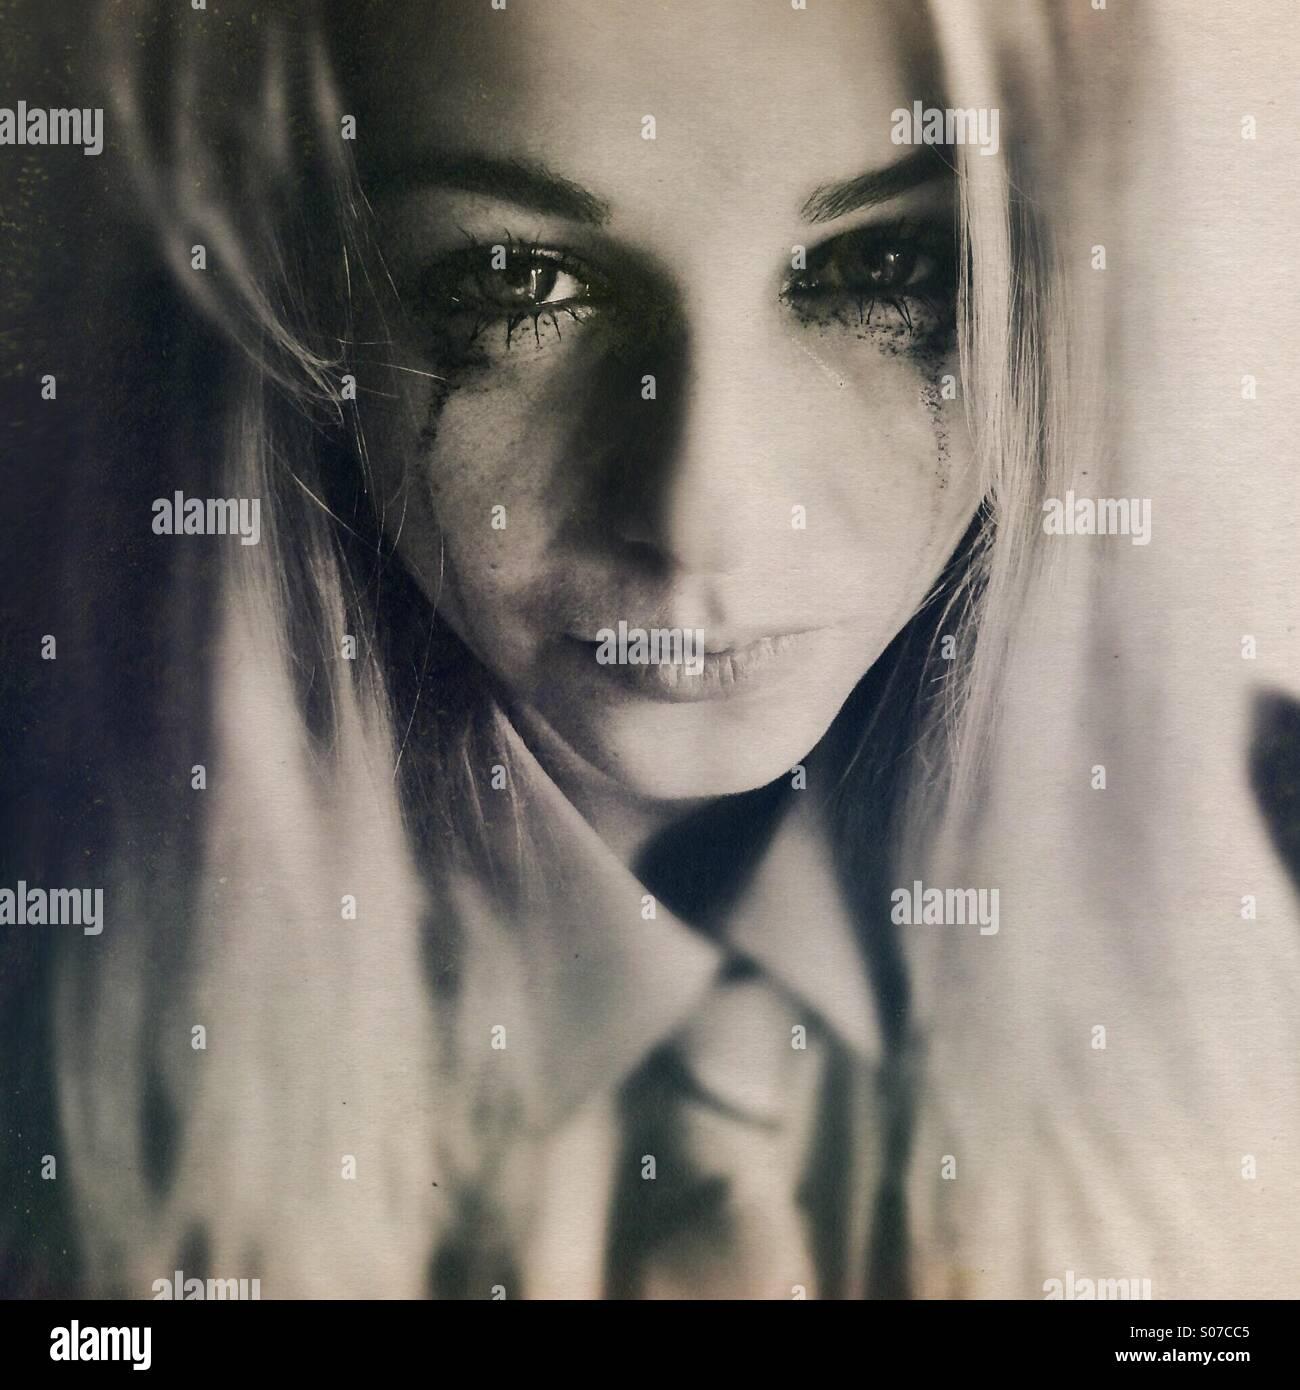 Teenage girl in school uniform, crying - Stock Image